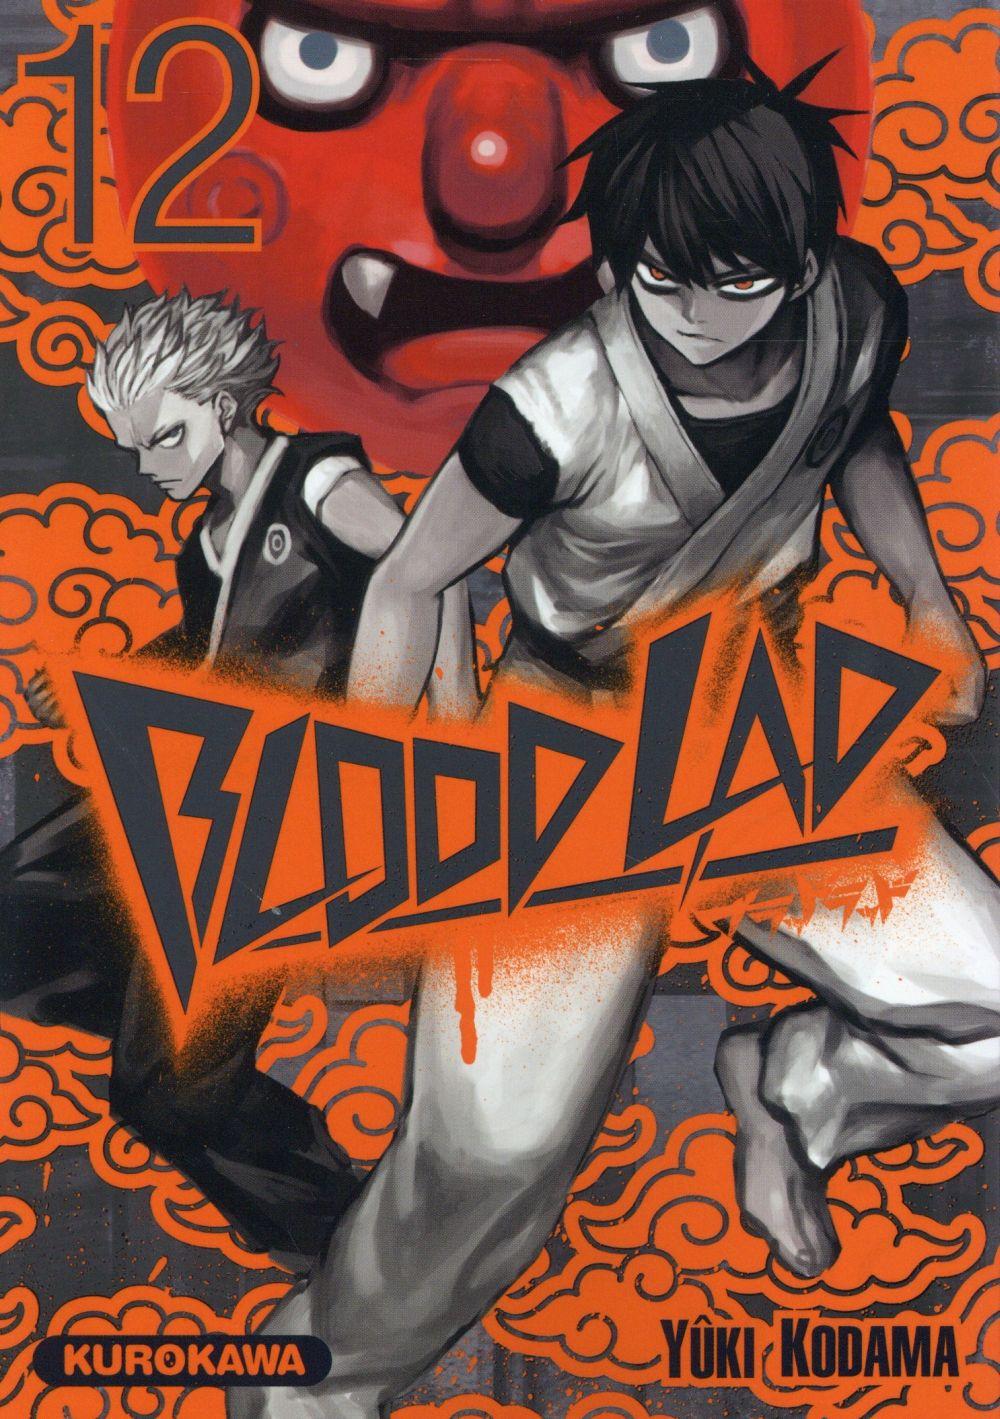 BLOOD LAD - TOME 12 - VOL12 KODAMA YUKI Kurokawa